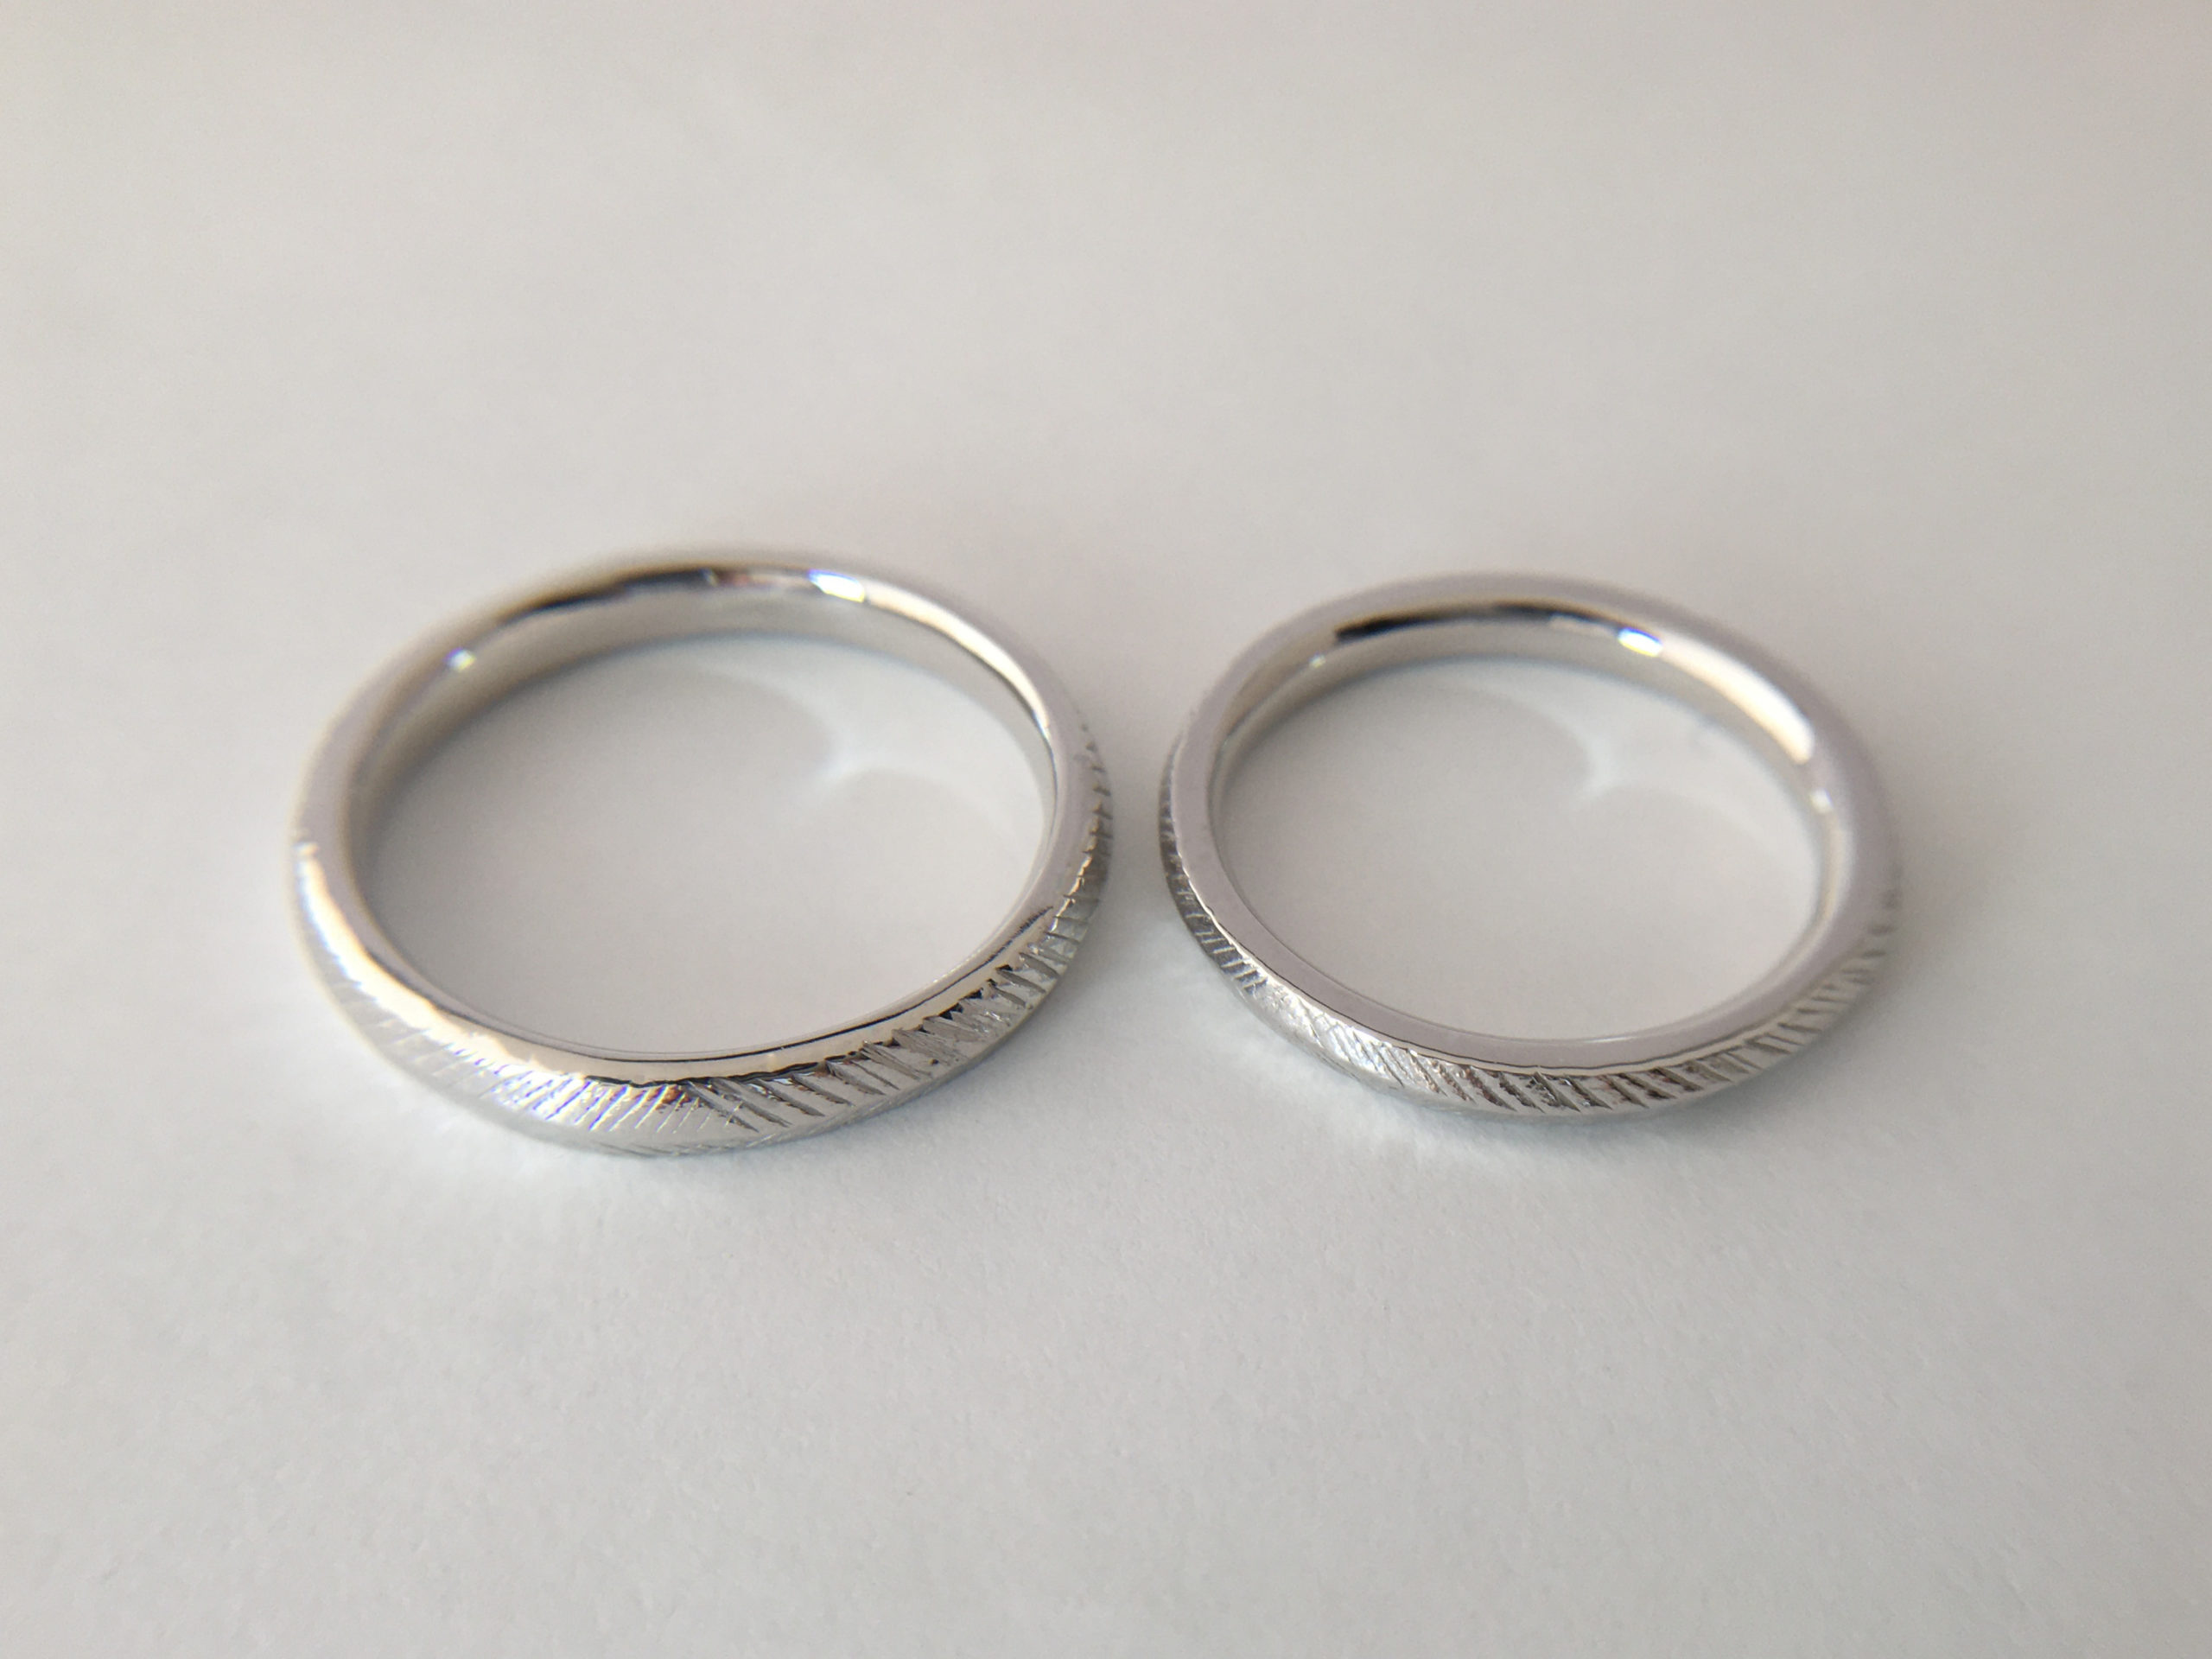 素敵なお二人に合った結婚指輪づくりを...